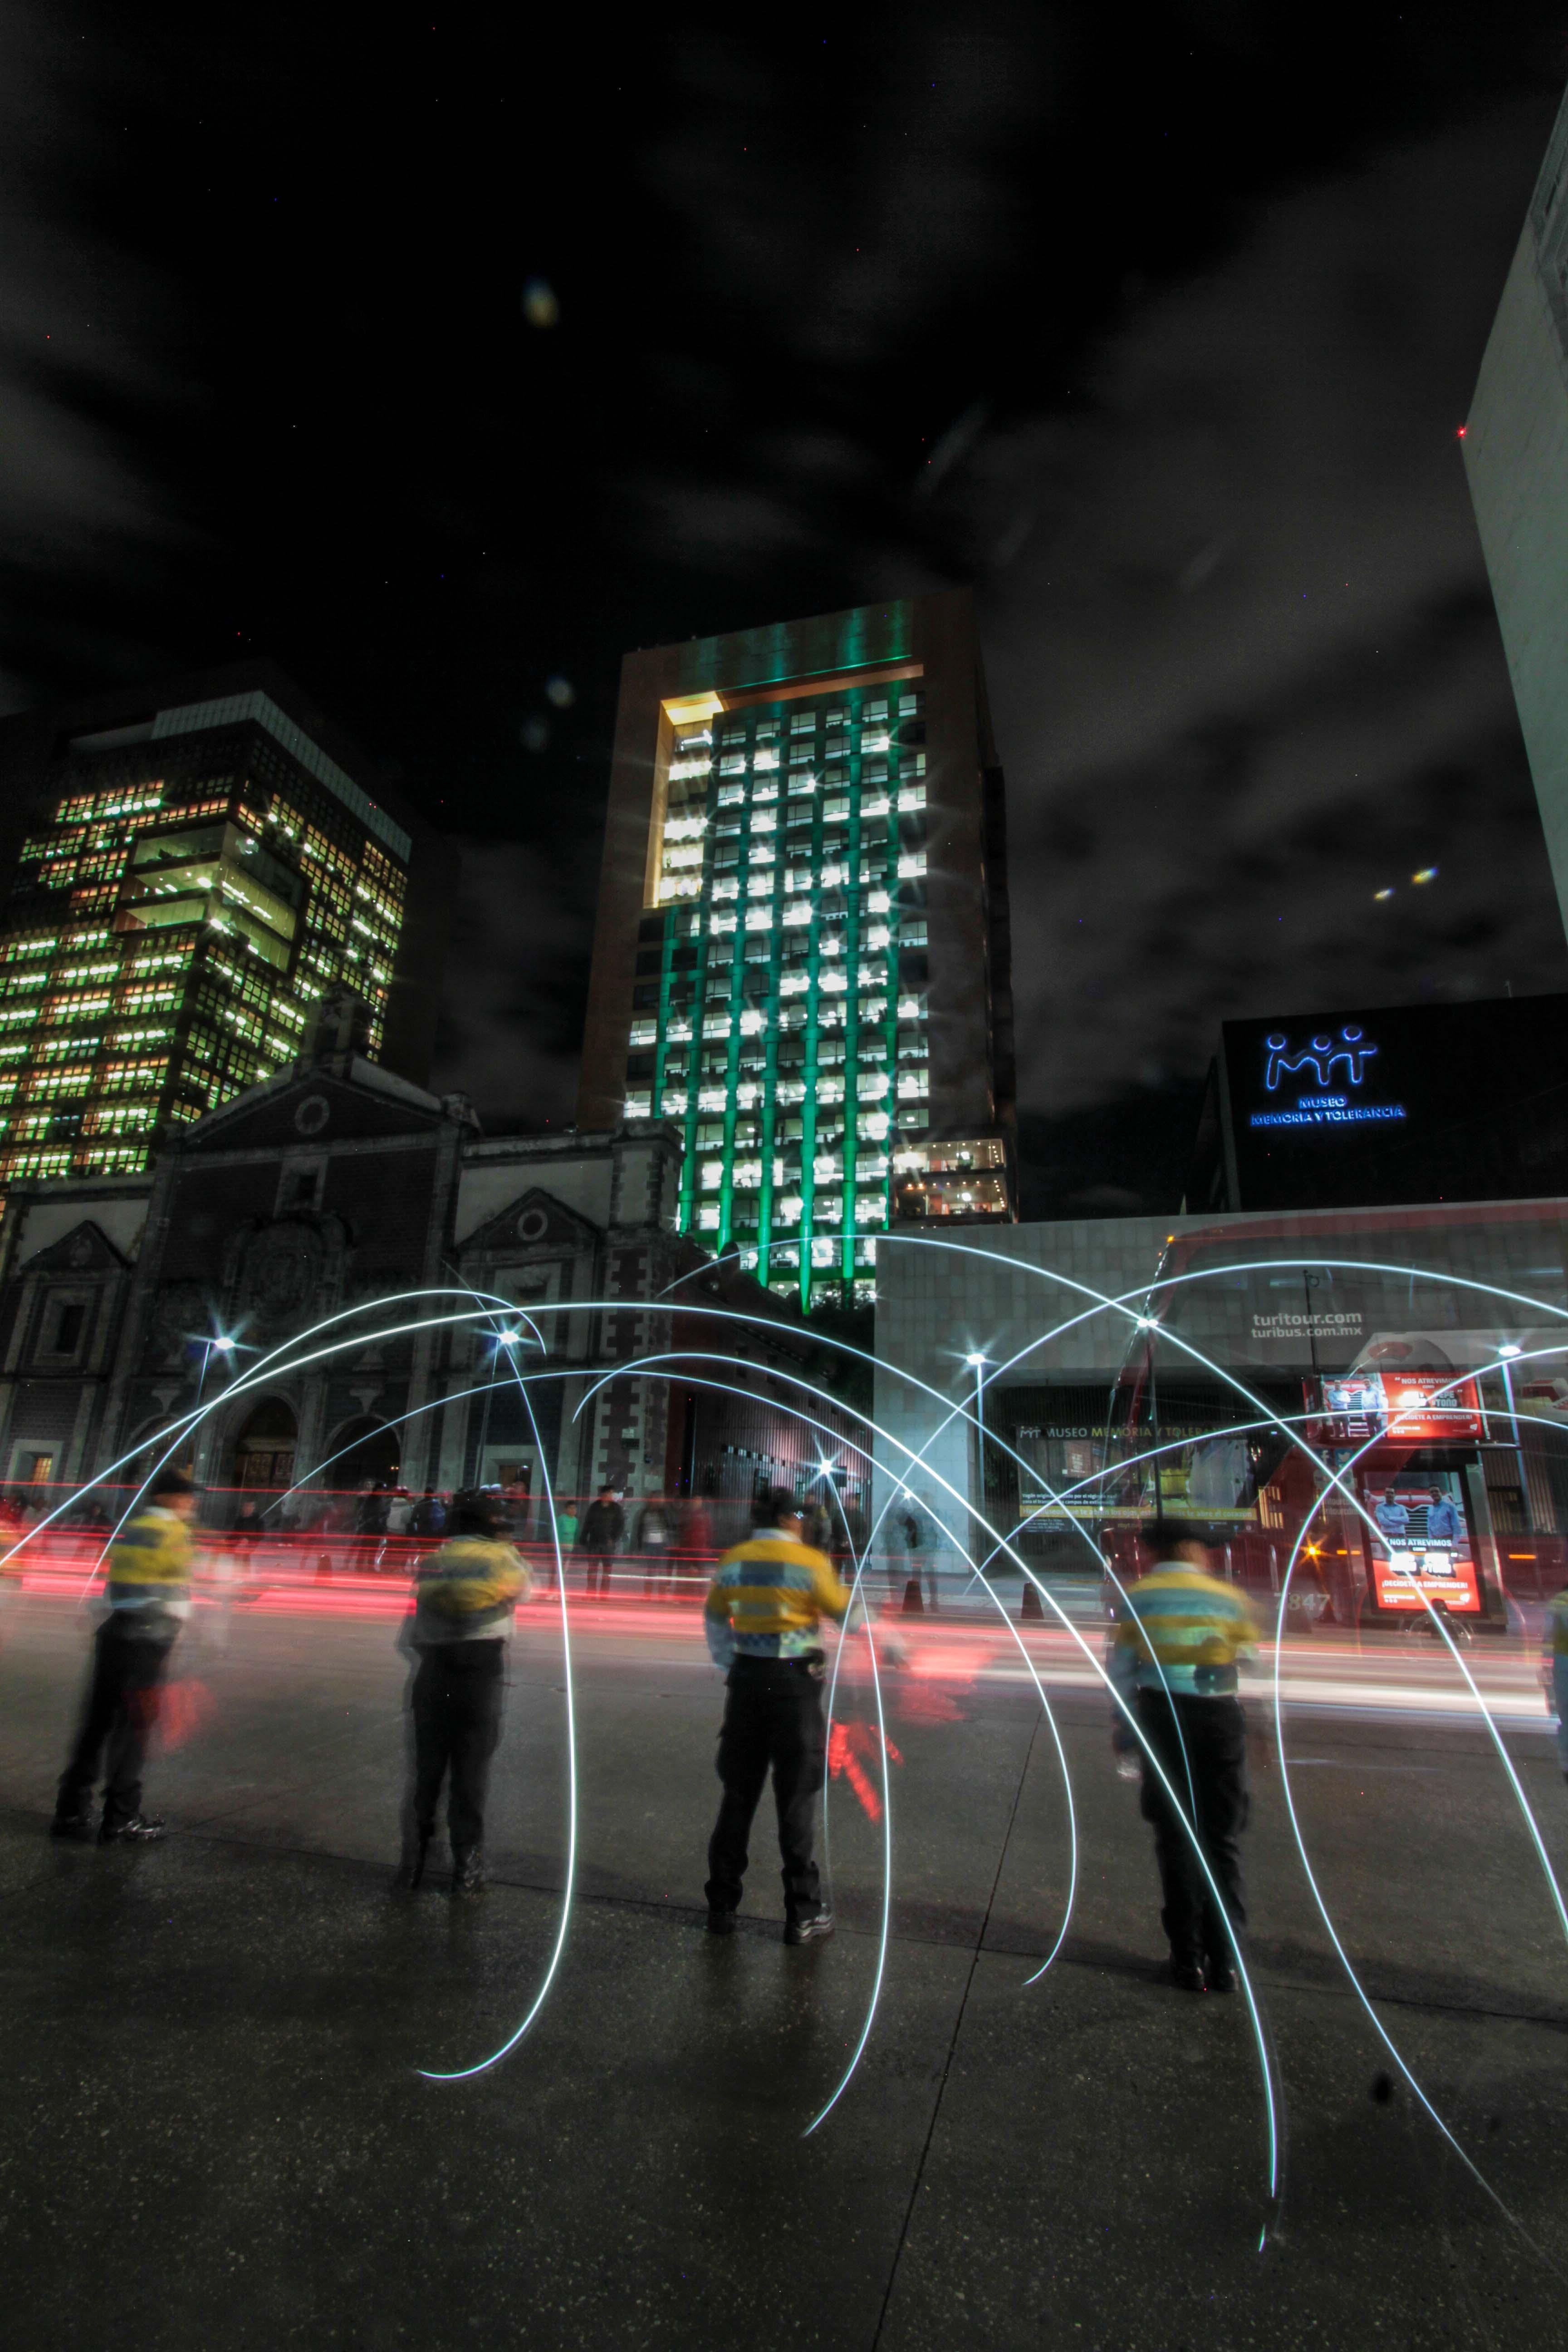 La Cancillería se ilumina de verde para celebrar la entrada en vigor del Acuerdo de París sobre cambio climático